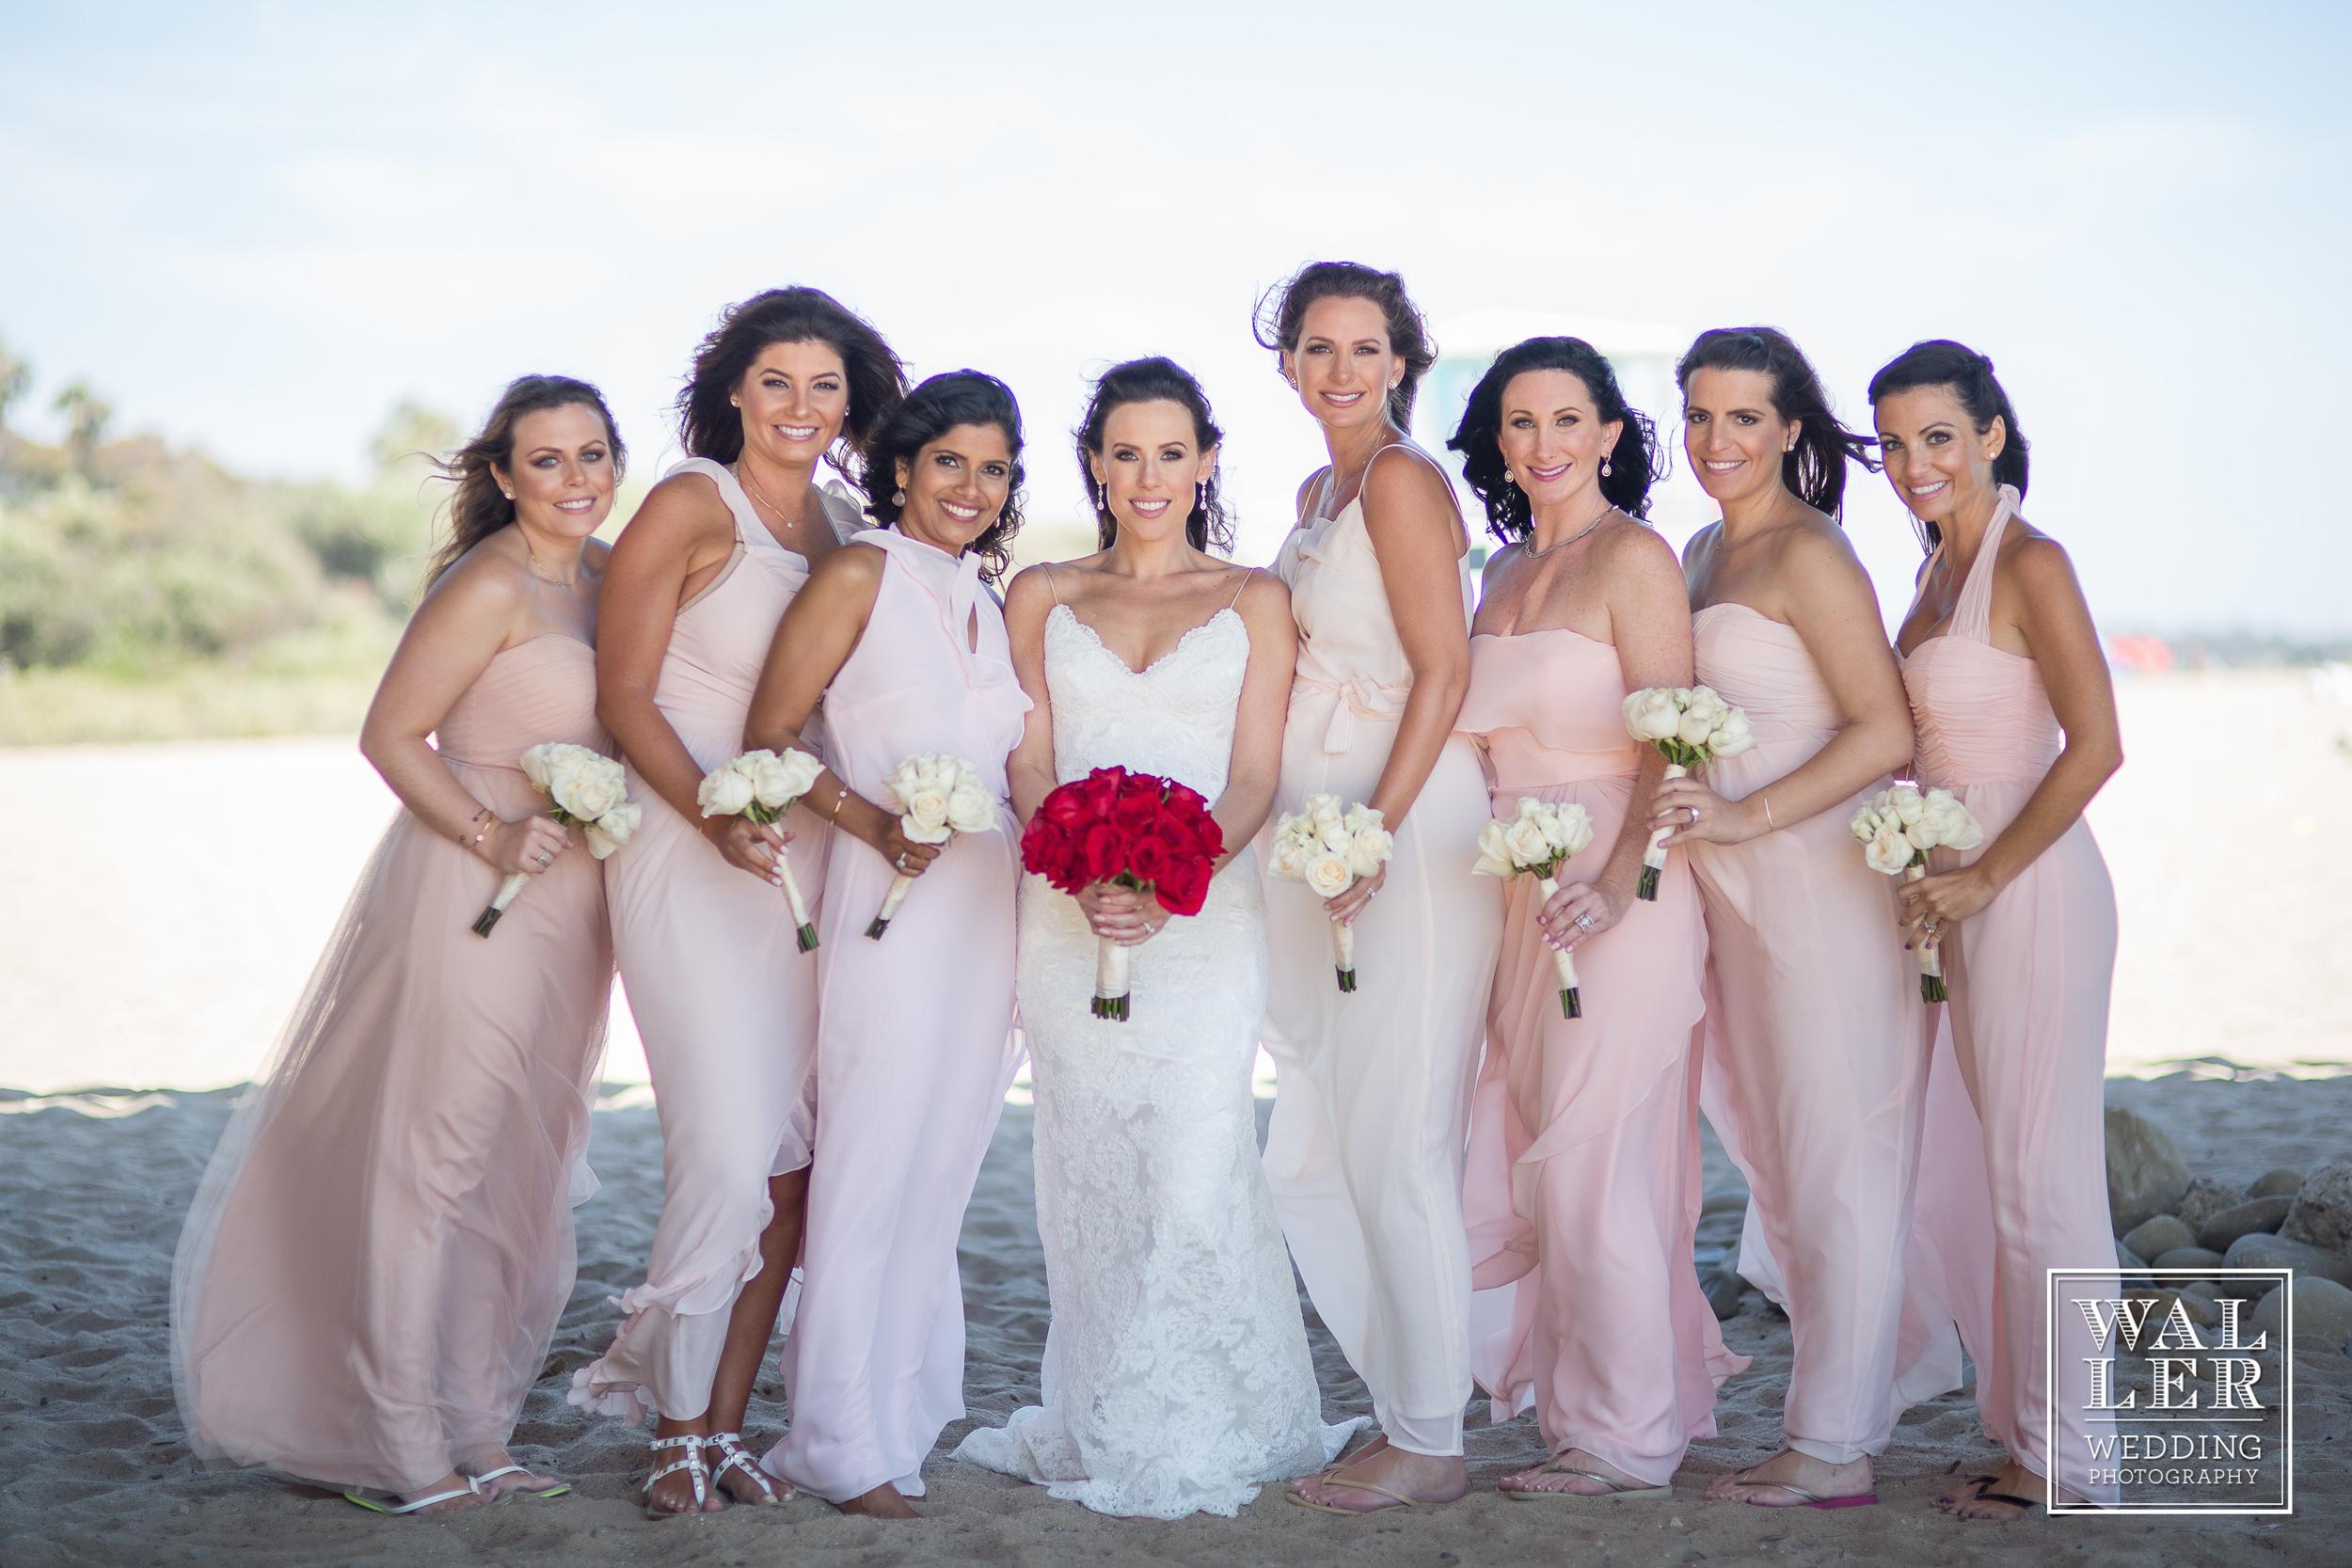 waller weddings-21.jpg